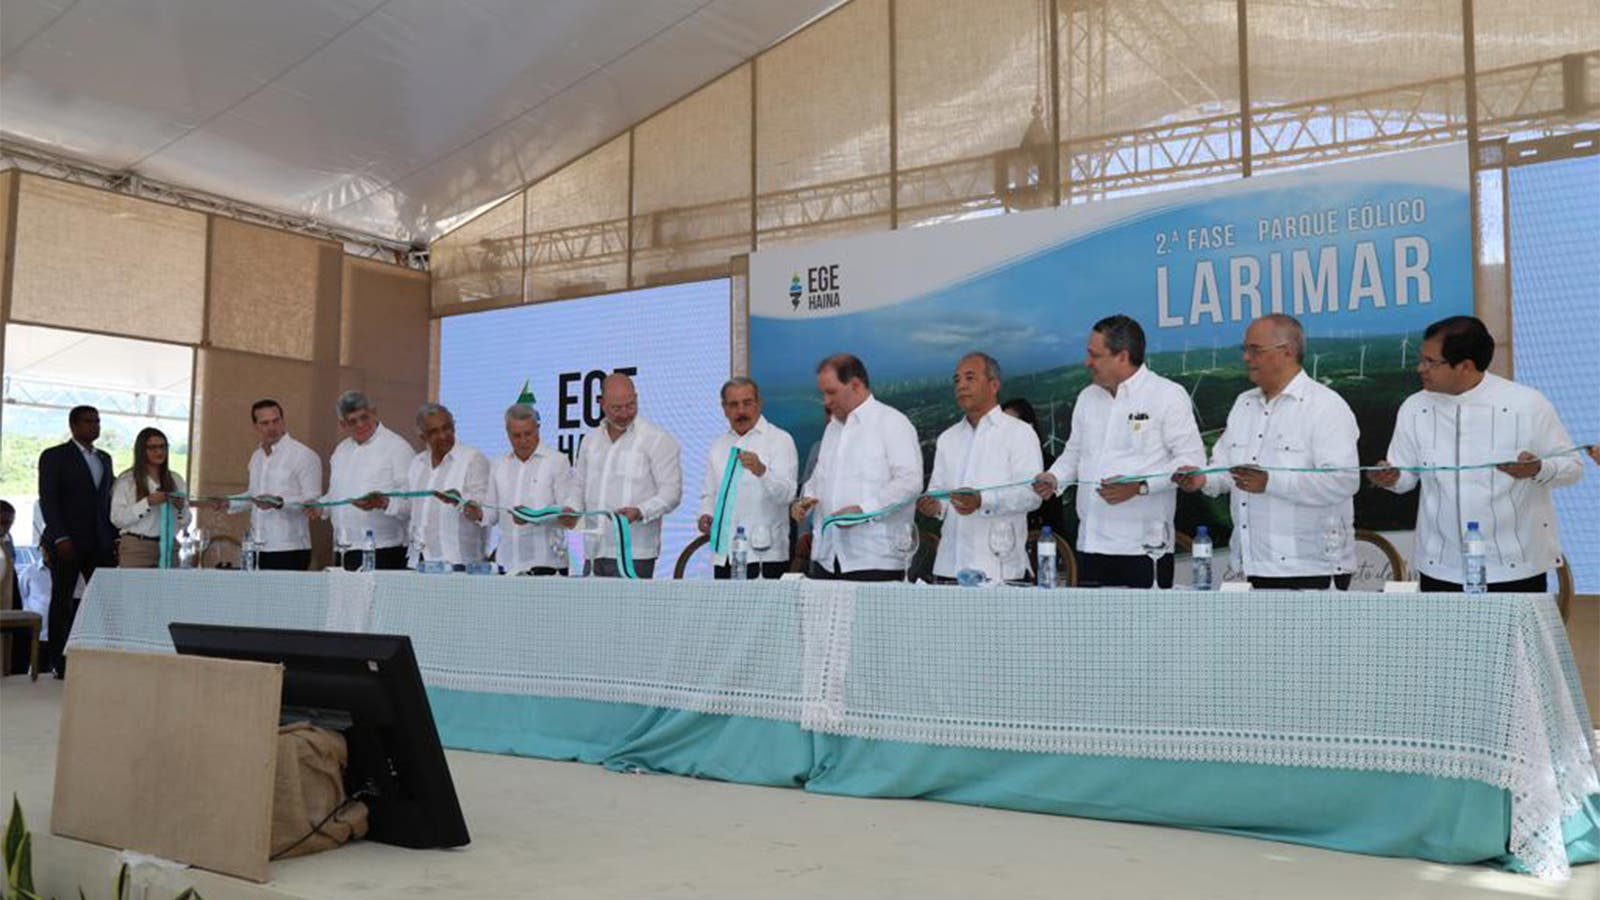 EGE Haina integra 14 nuevos aerogeneradores con 48.3 megavatios al Parque Eólico Larimar